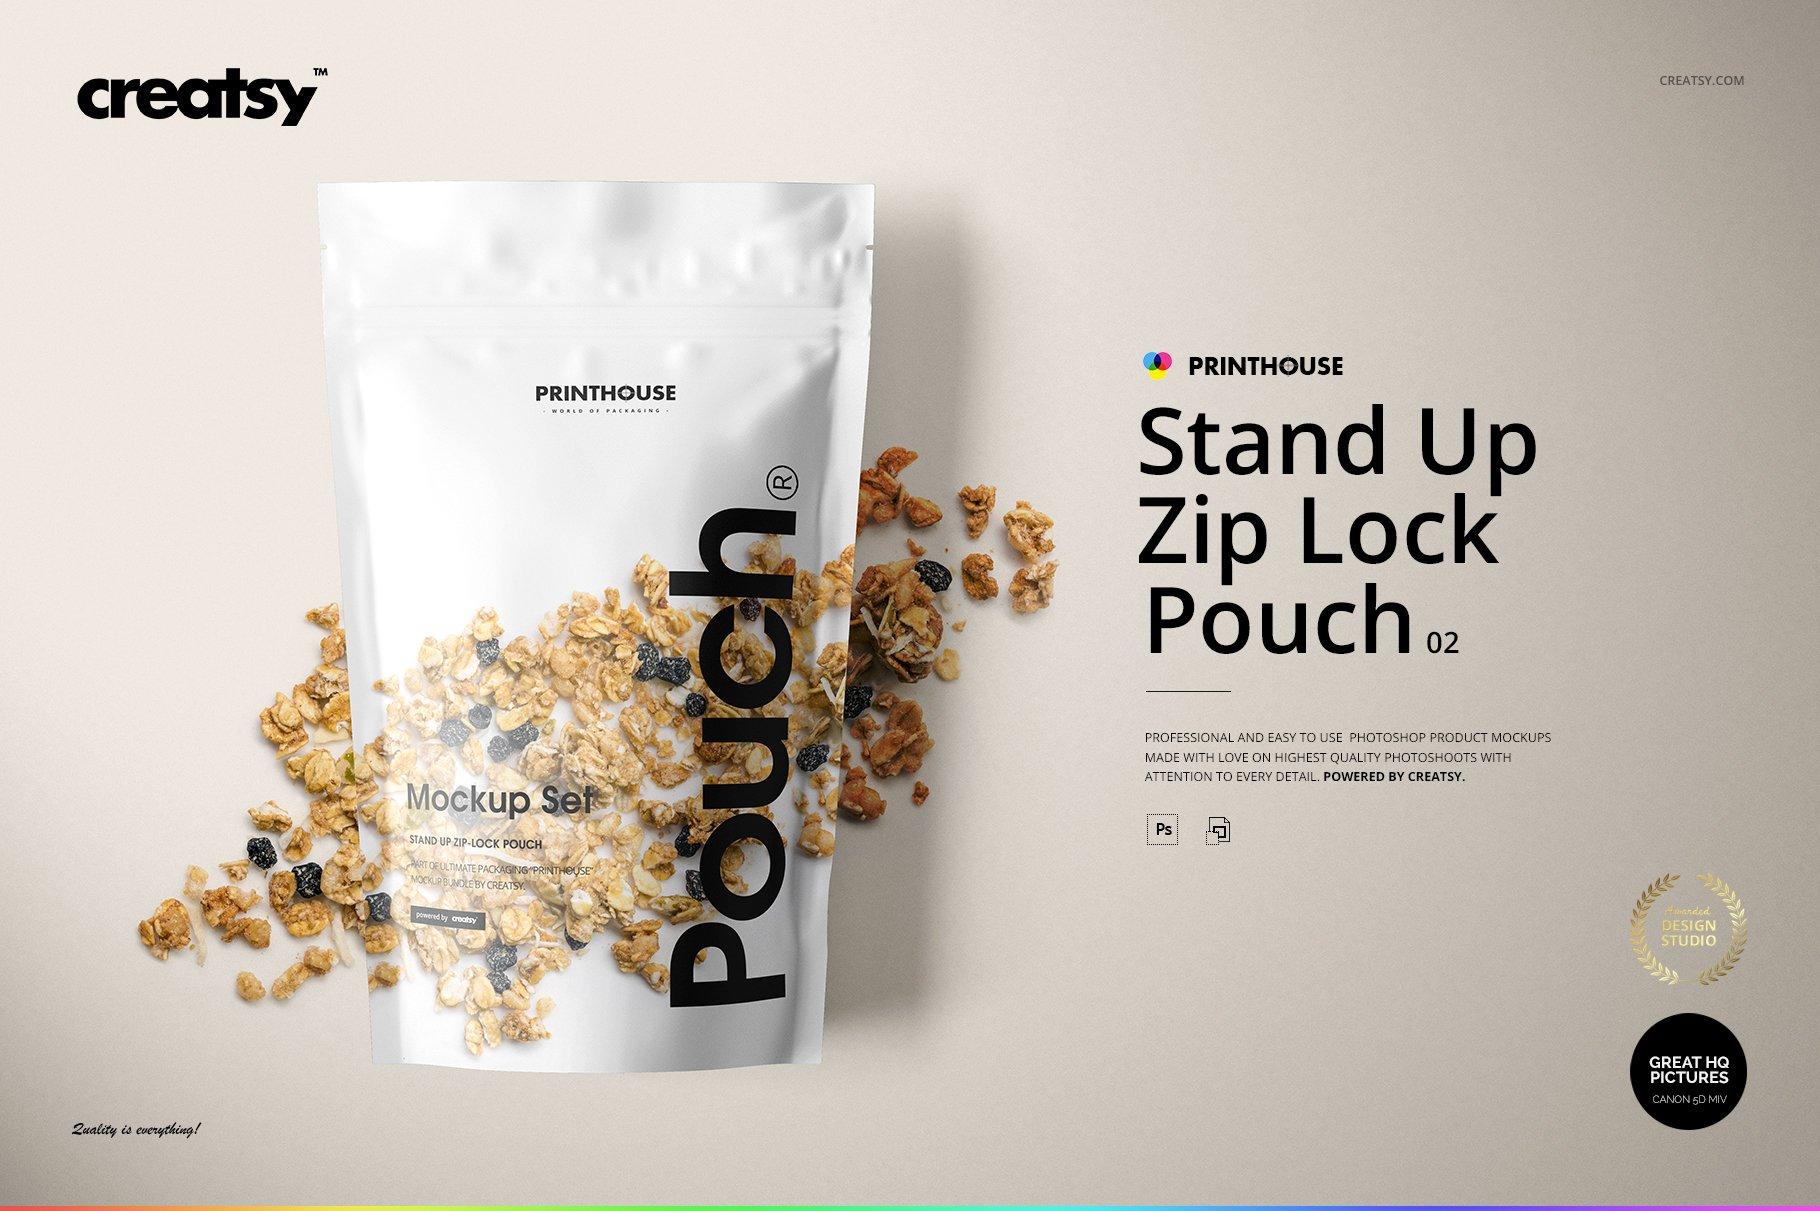 简约立式拉链锁食品自封袋塑料袋设计展示样机合集 Stand Up Pouch Mockup Set 2插图